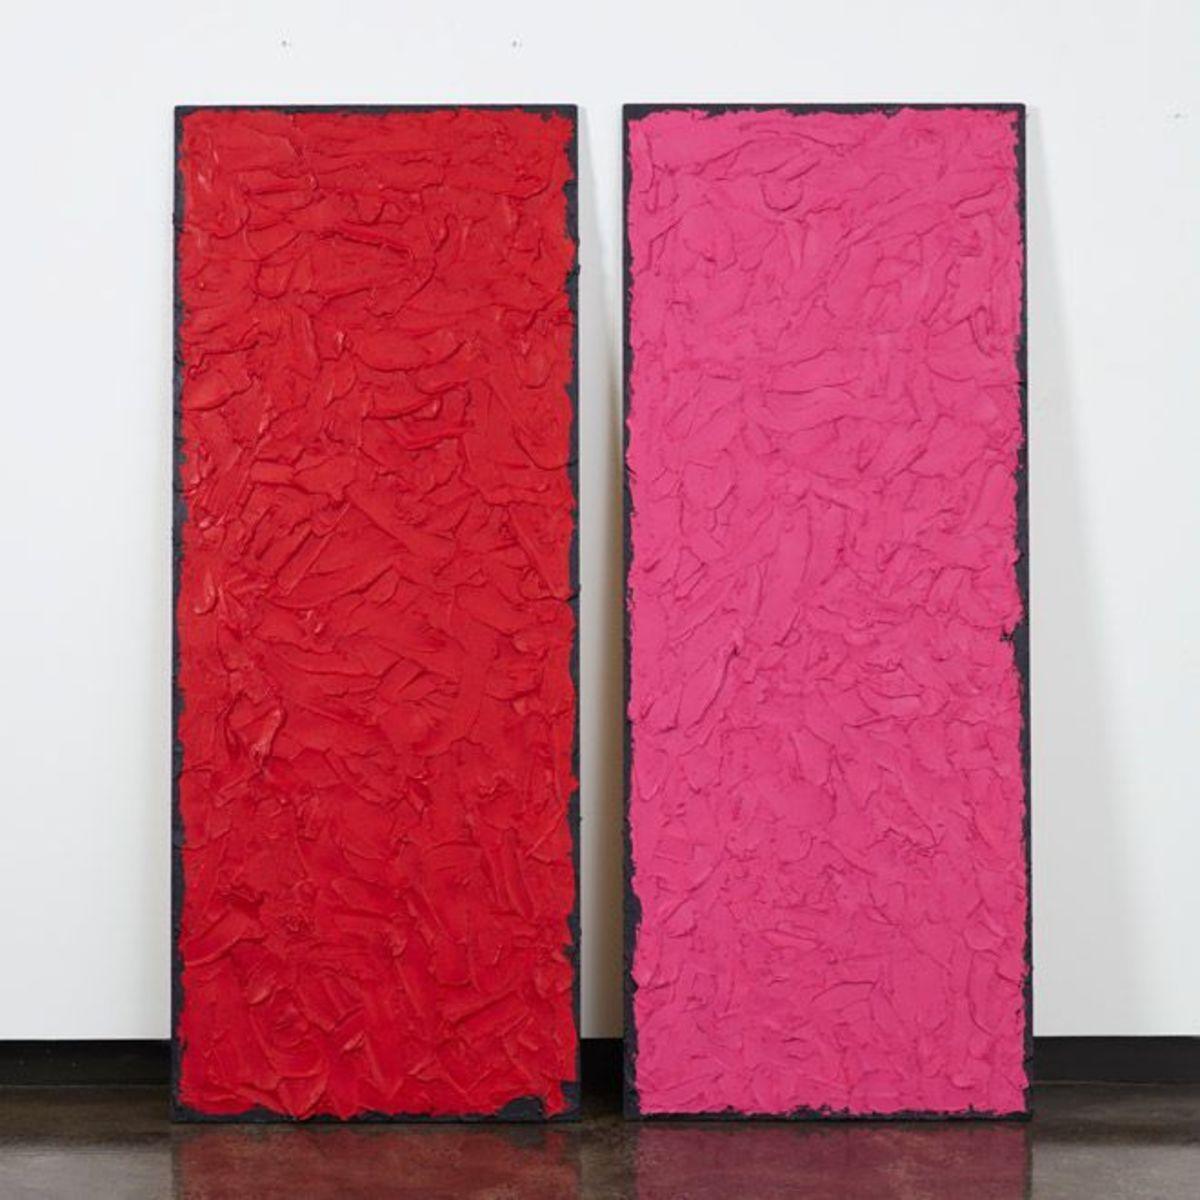 Material panels